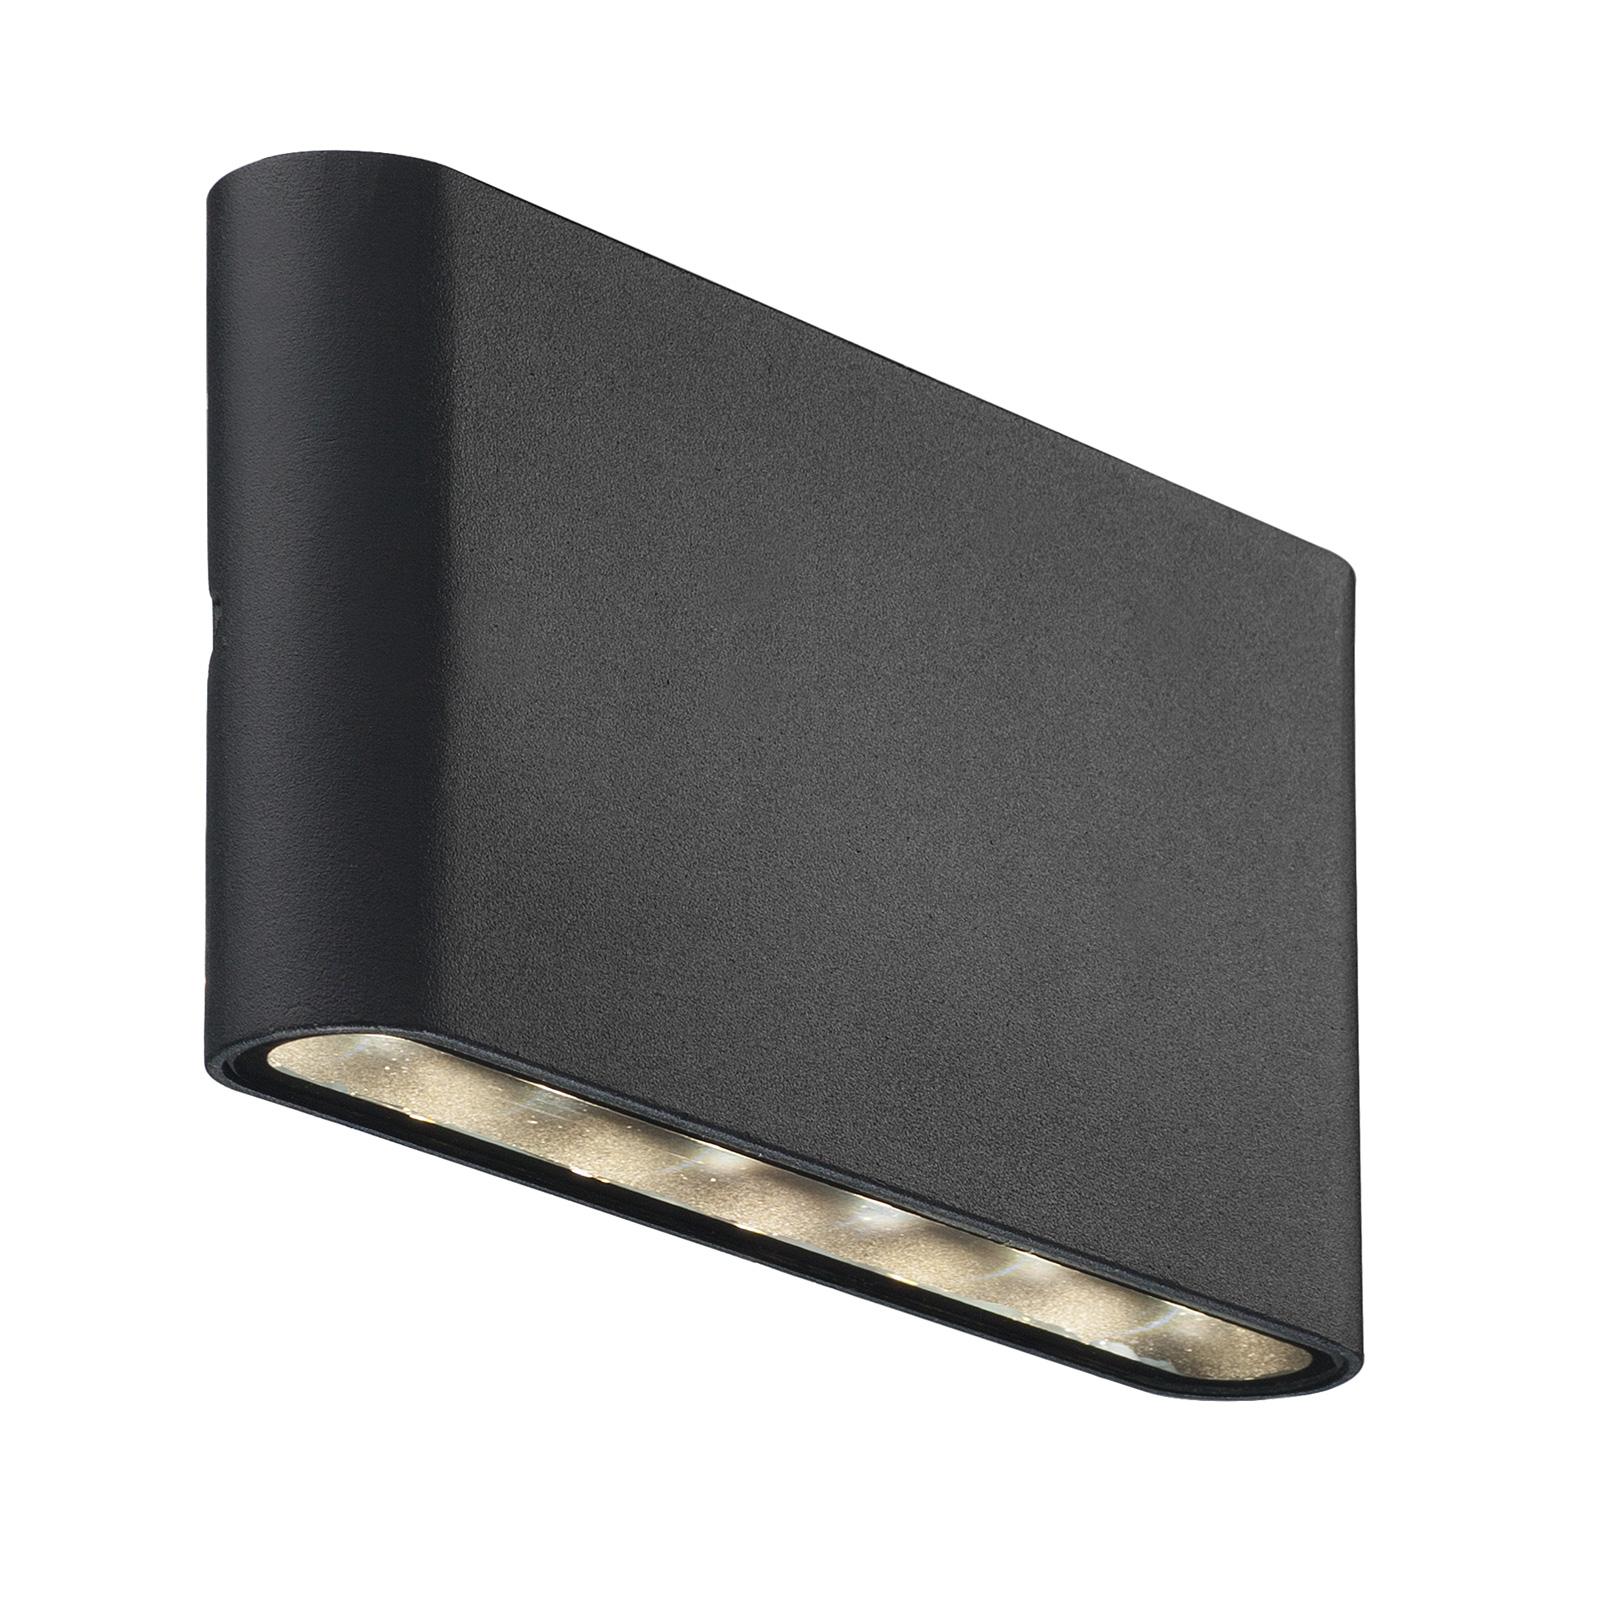 LED buitenwandlamp Kinver vlakke vorm, zwart